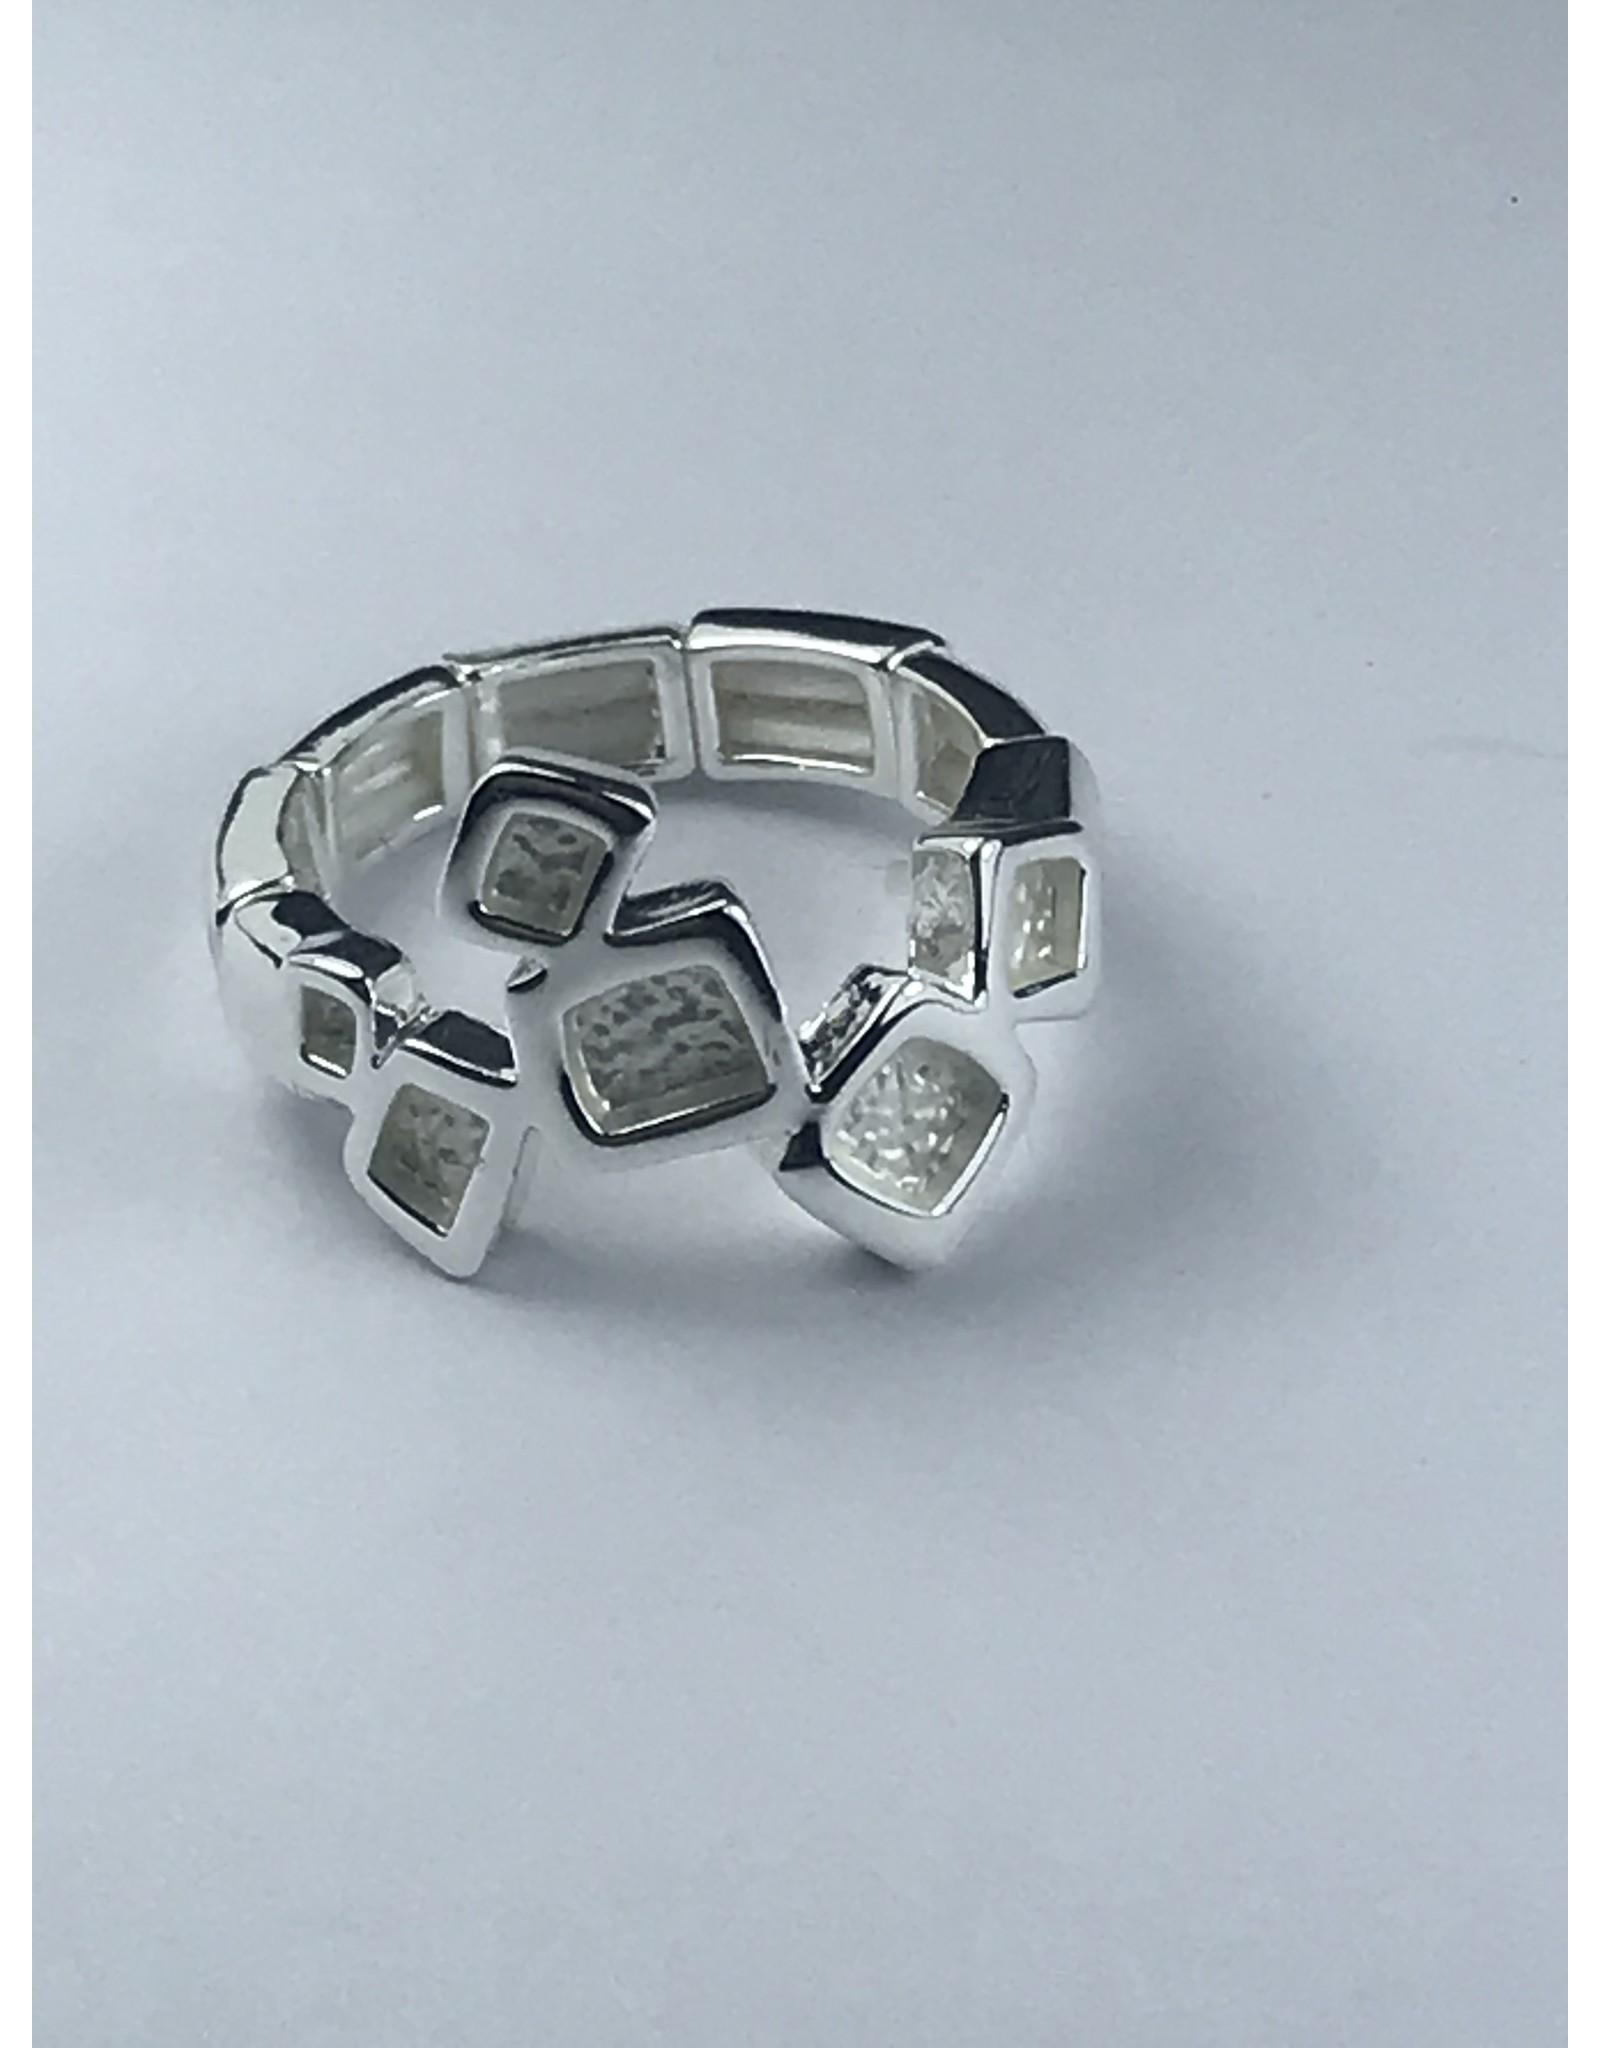 Axxes-Soir Ring - 1 maat - verstelbaar- zilverkleurig - blokjes